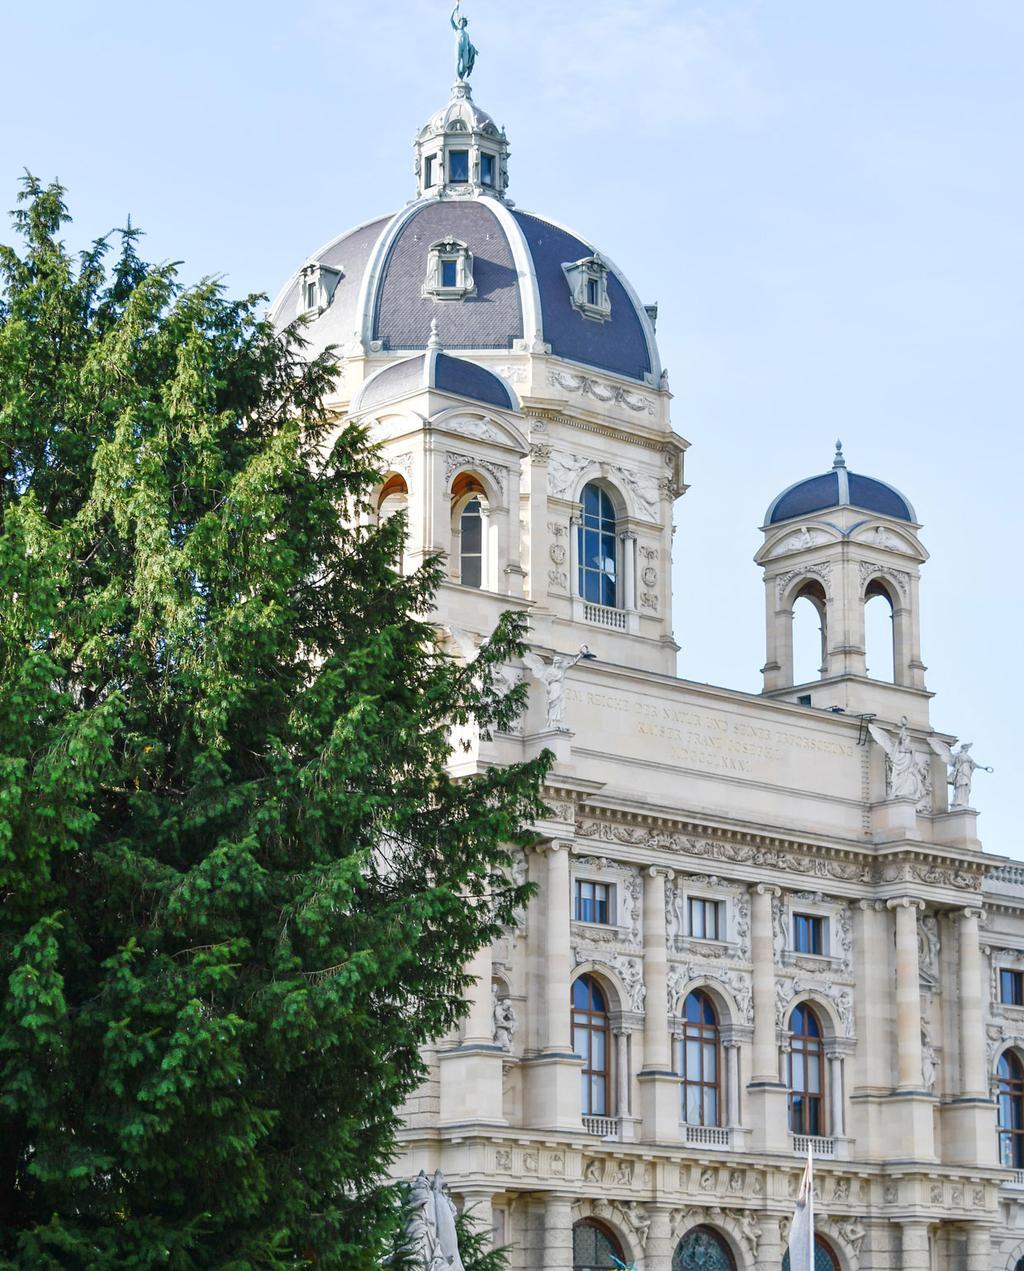 vtwonen 12-2019 | citytrip hotspot wenen voordeel citytrip Kunsthistorisch Museum